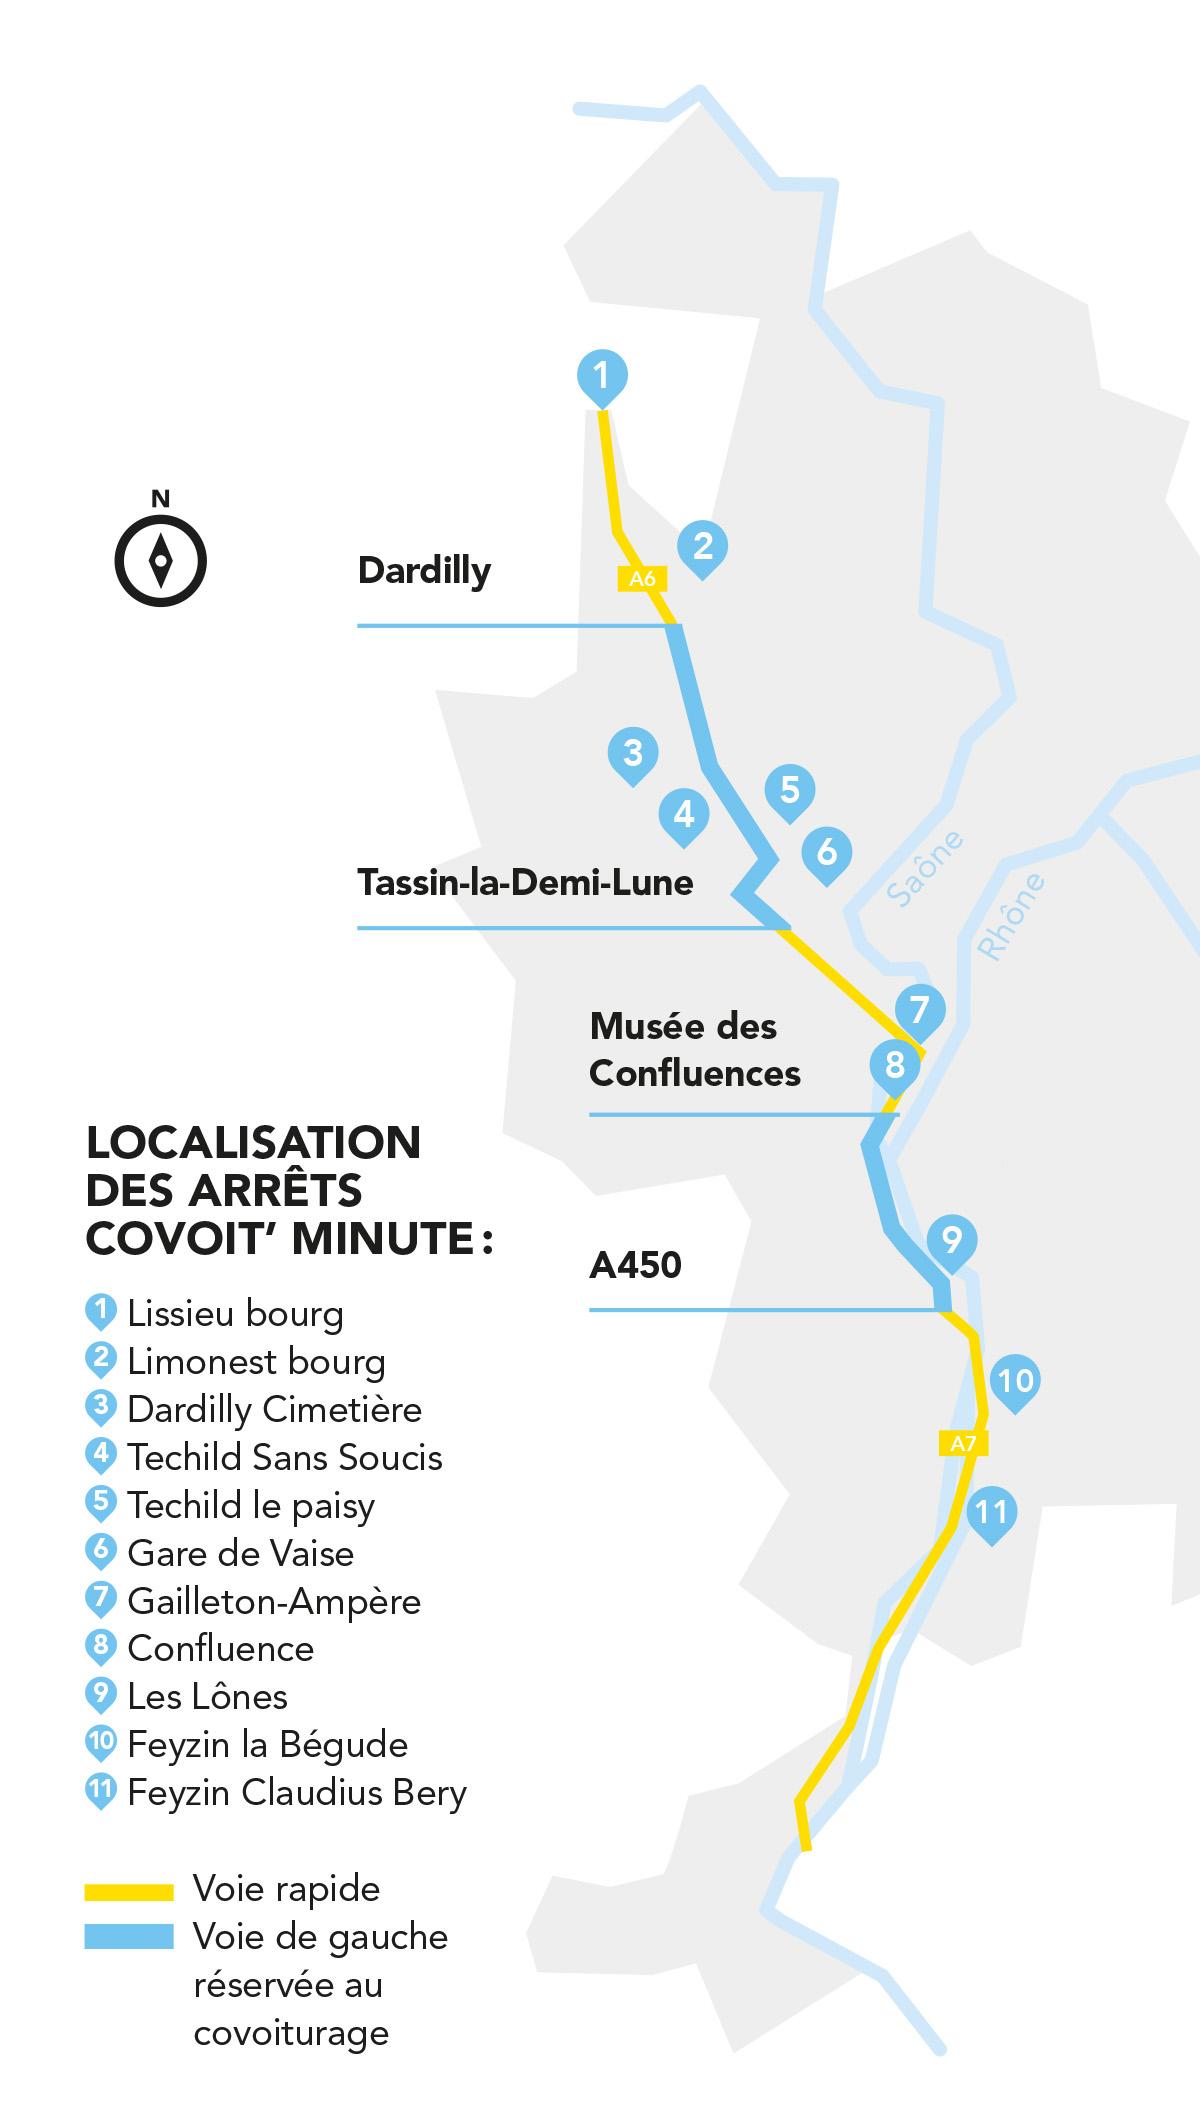 Carte des arrêts covoit' minute dans la Métropole de Lyon